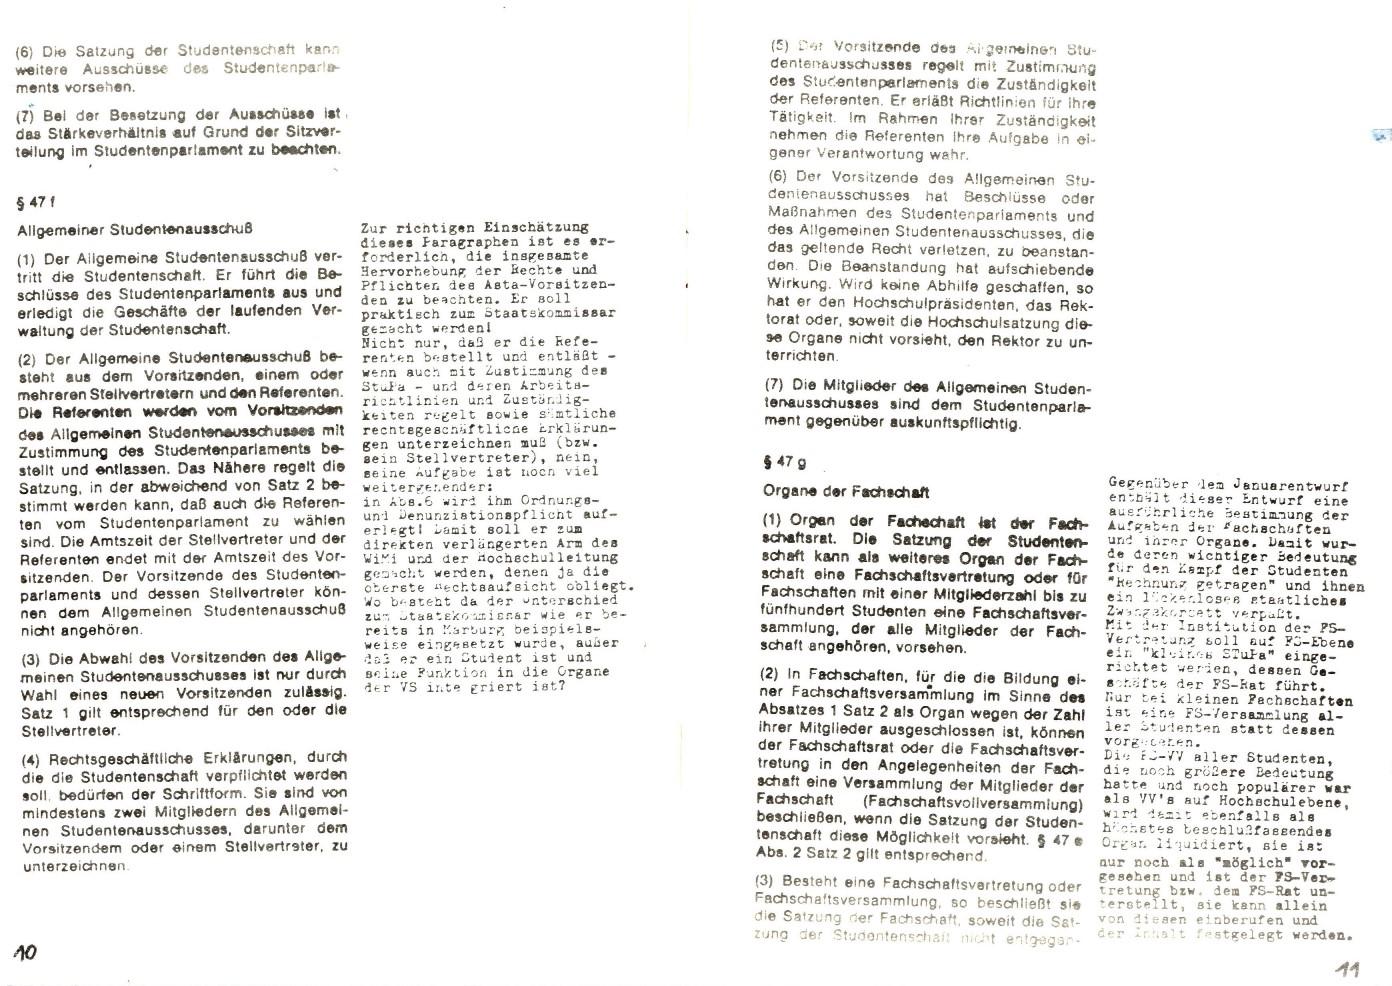 NRW_KSV_1977_Studentenschaftsgesetz_06